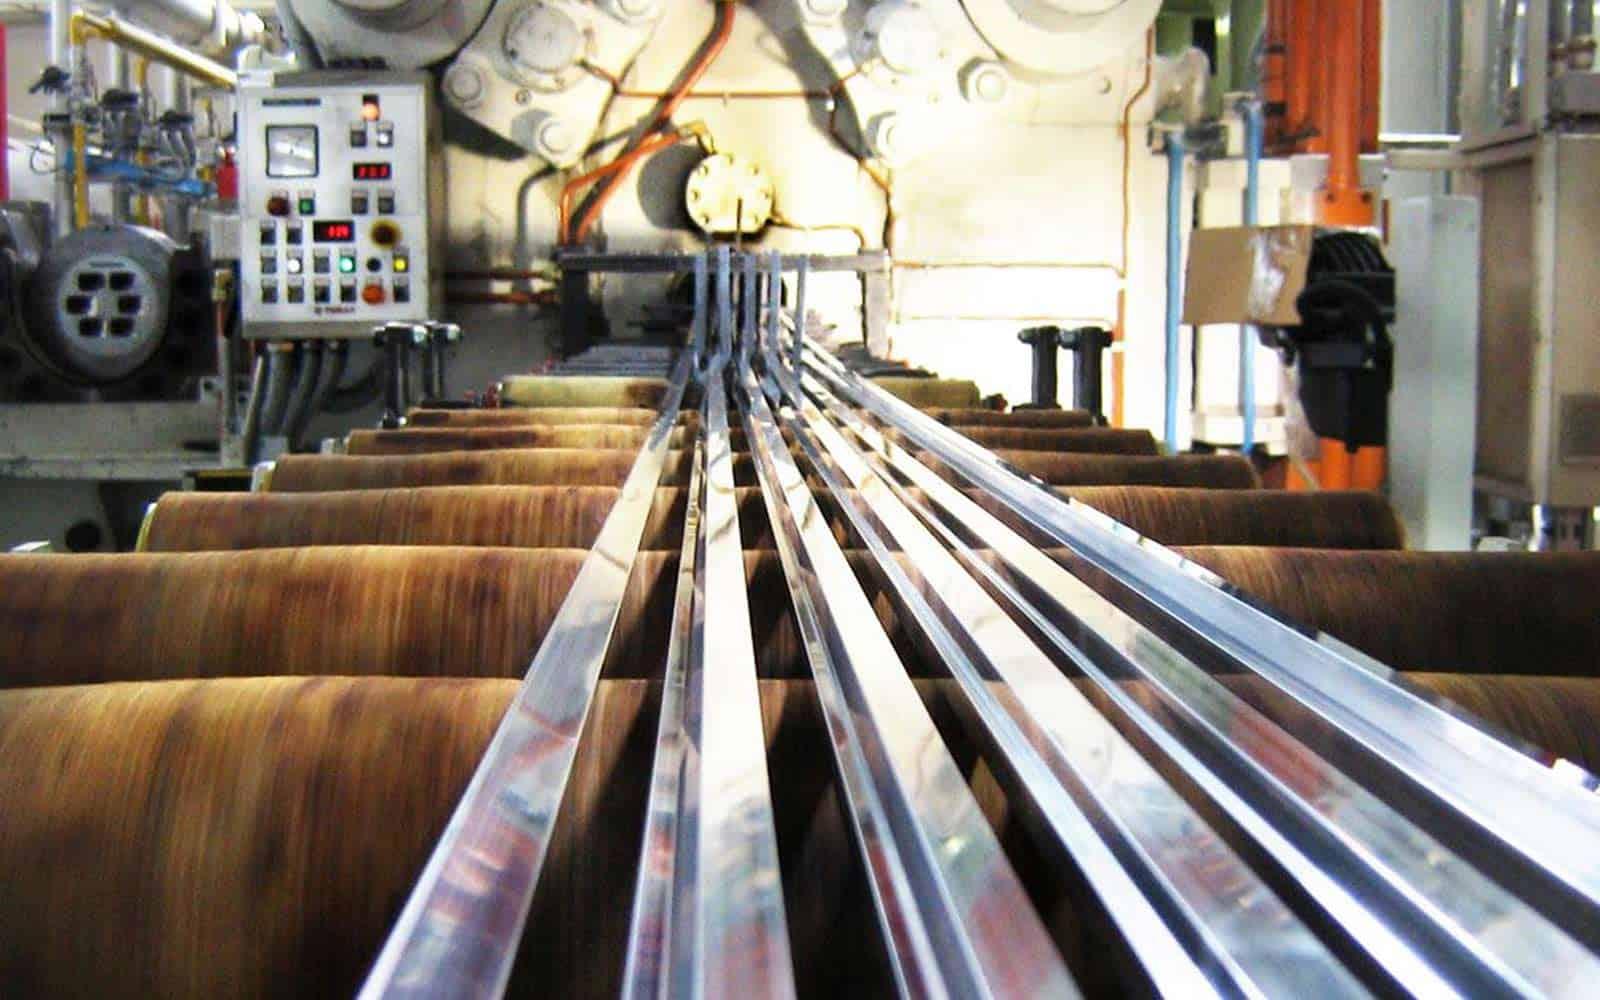 hydrapress aluminium